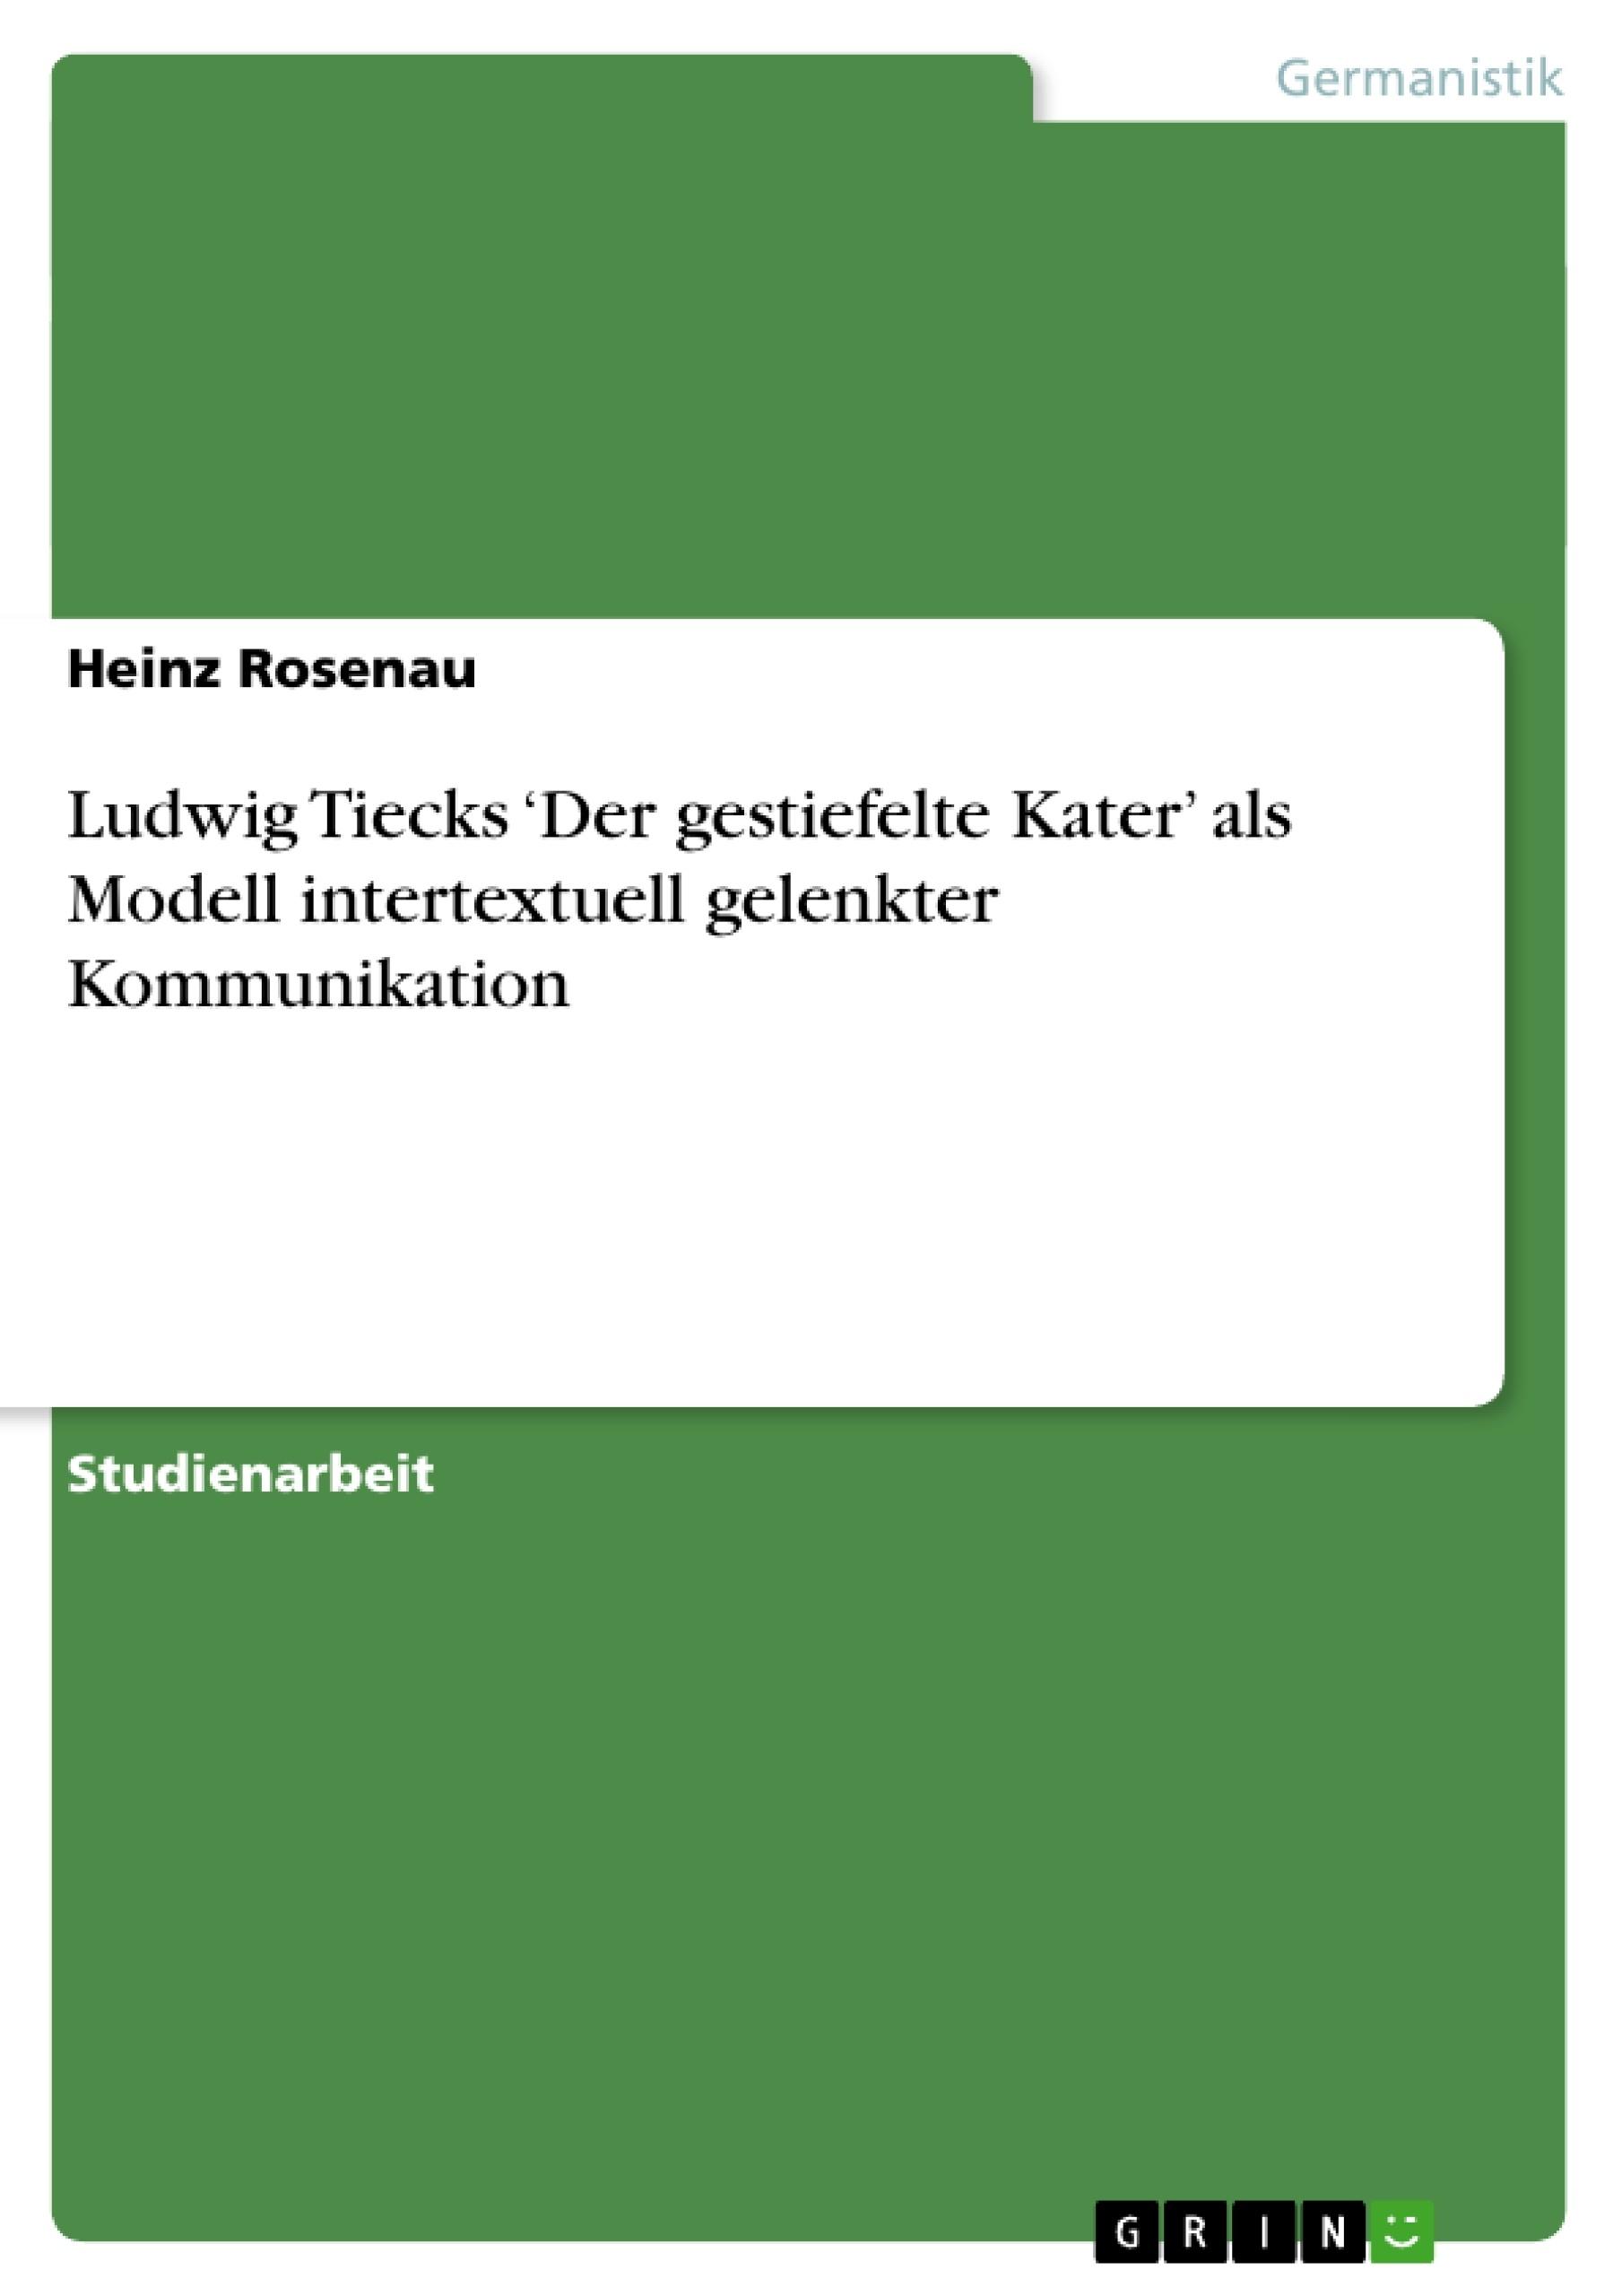 Titel: Ludwig Tiecks 'Der gestiefelte Kater' als Modell intertextuell gelenkter Kommunikation